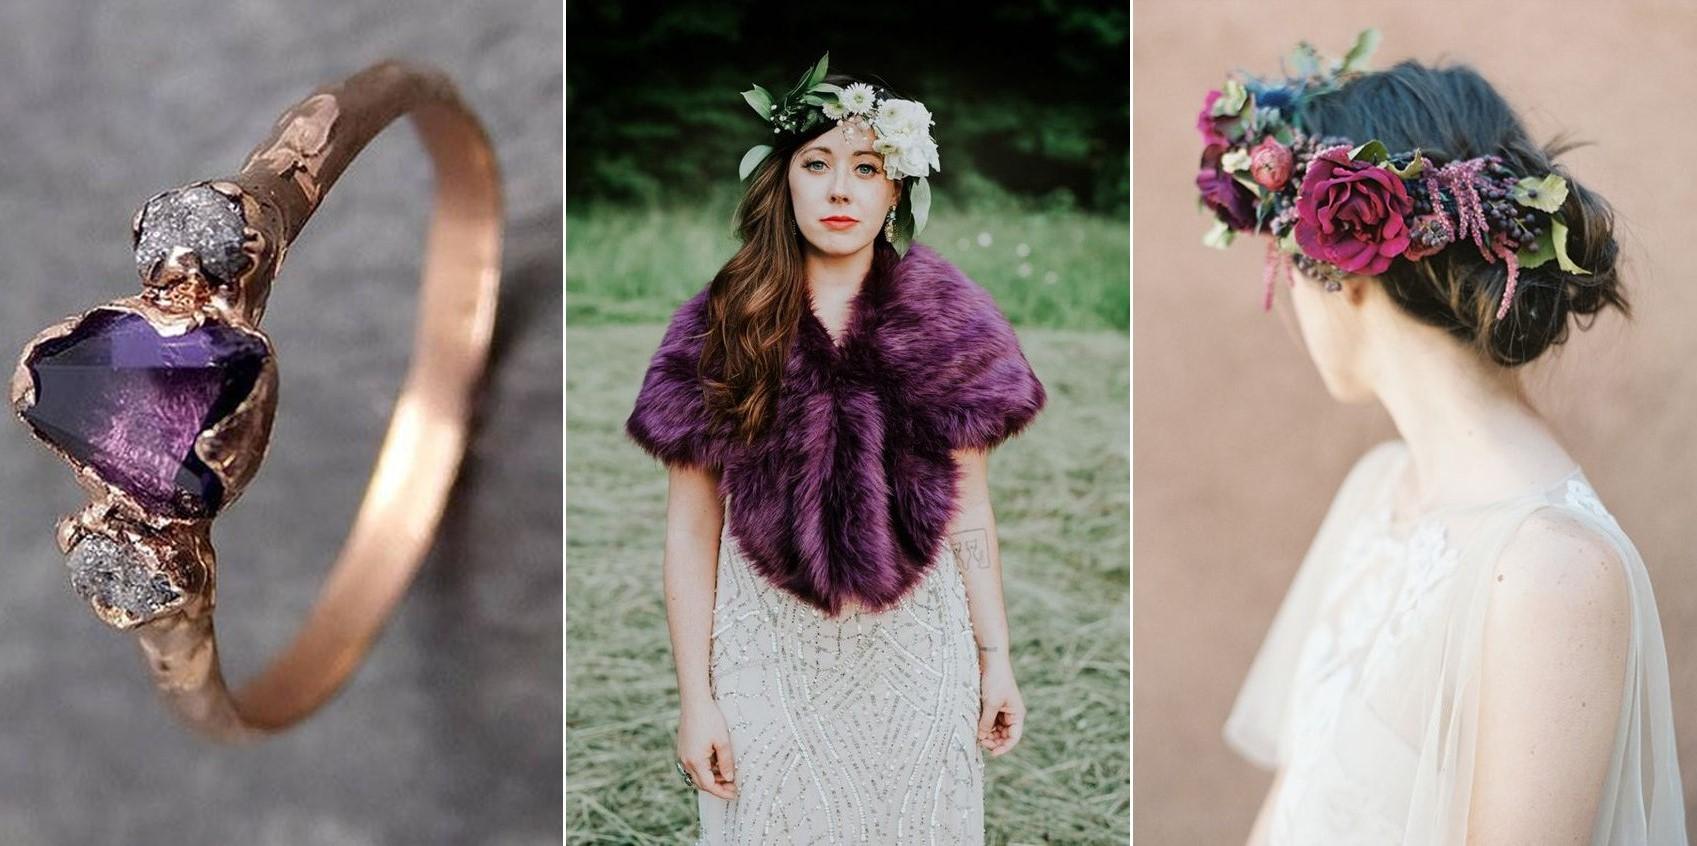 Fotos:  Coley & Co  y  Heather Hawkins  / Anillo:  By Angeline , Capa: Alex Bridal y Corona: Bows & Arrows Flowers .